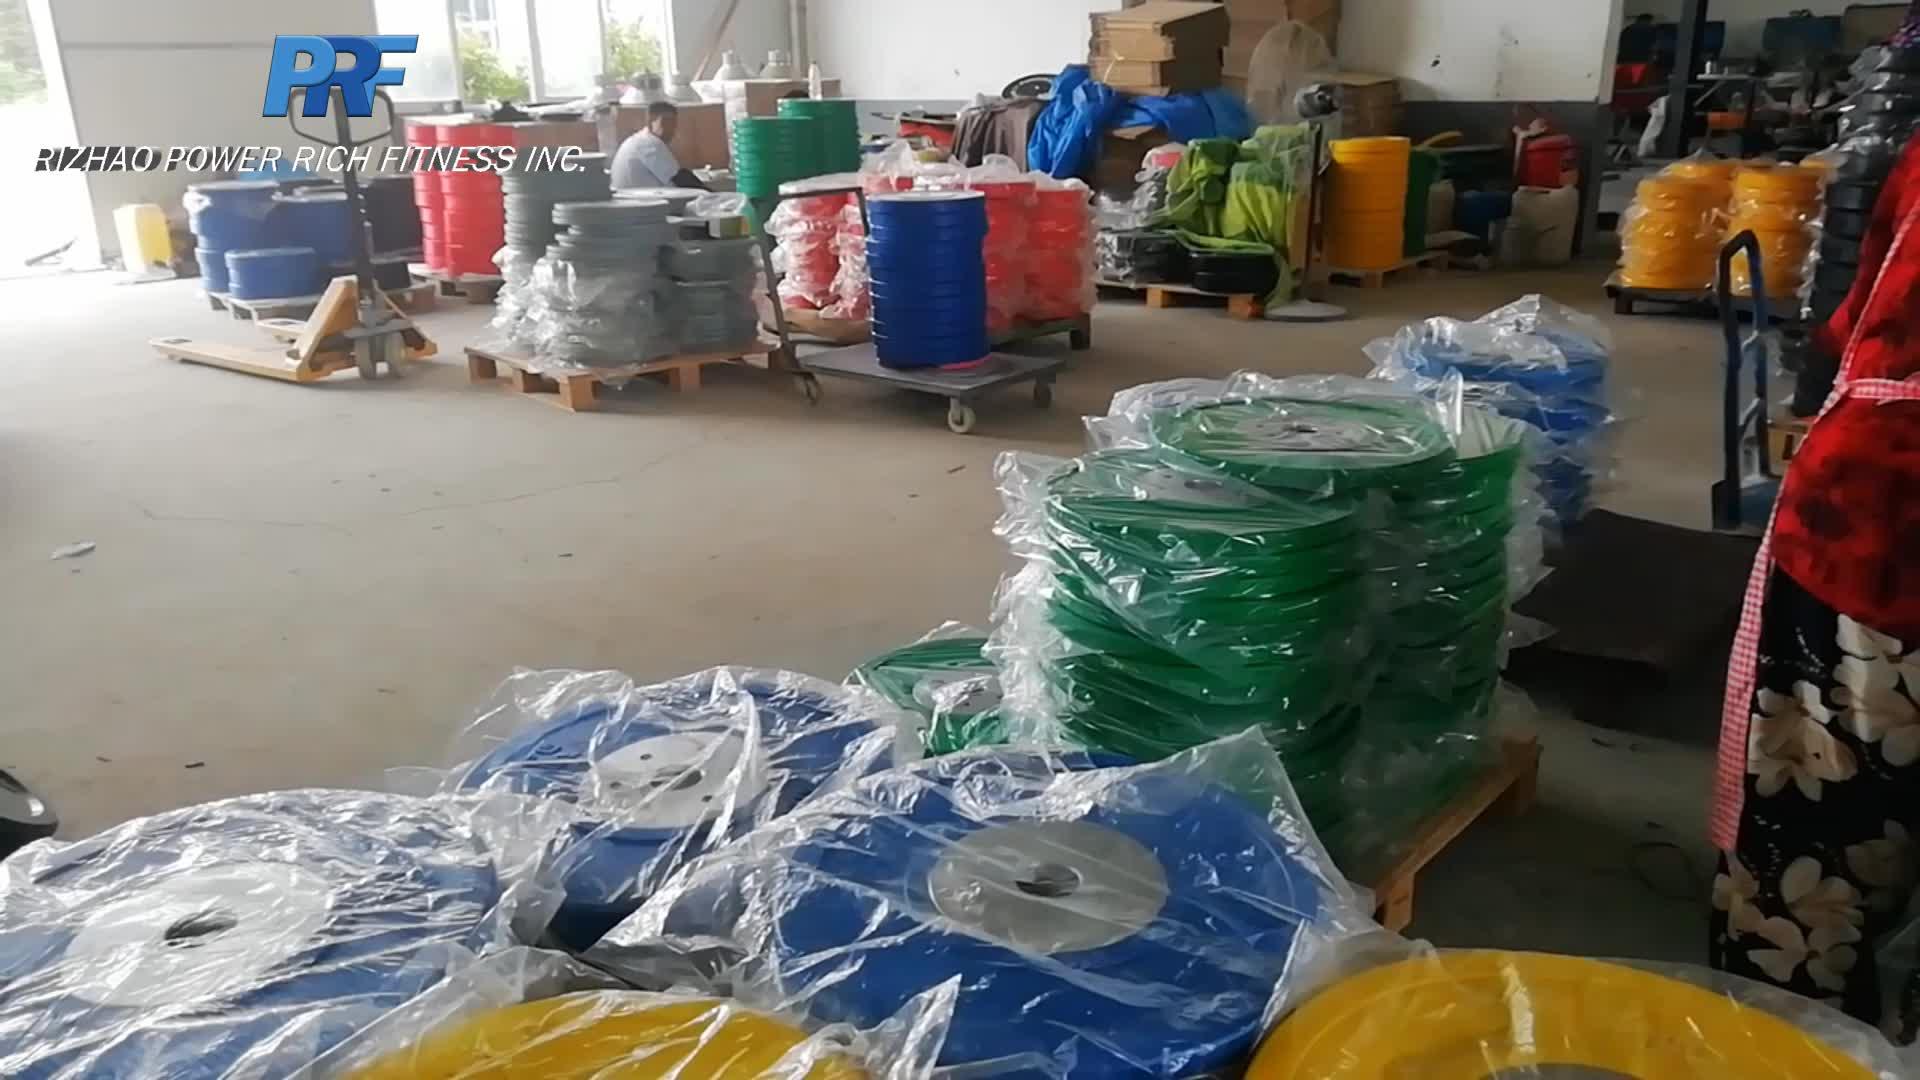 20kg solid rubber blue color premium power lifting bumper plate